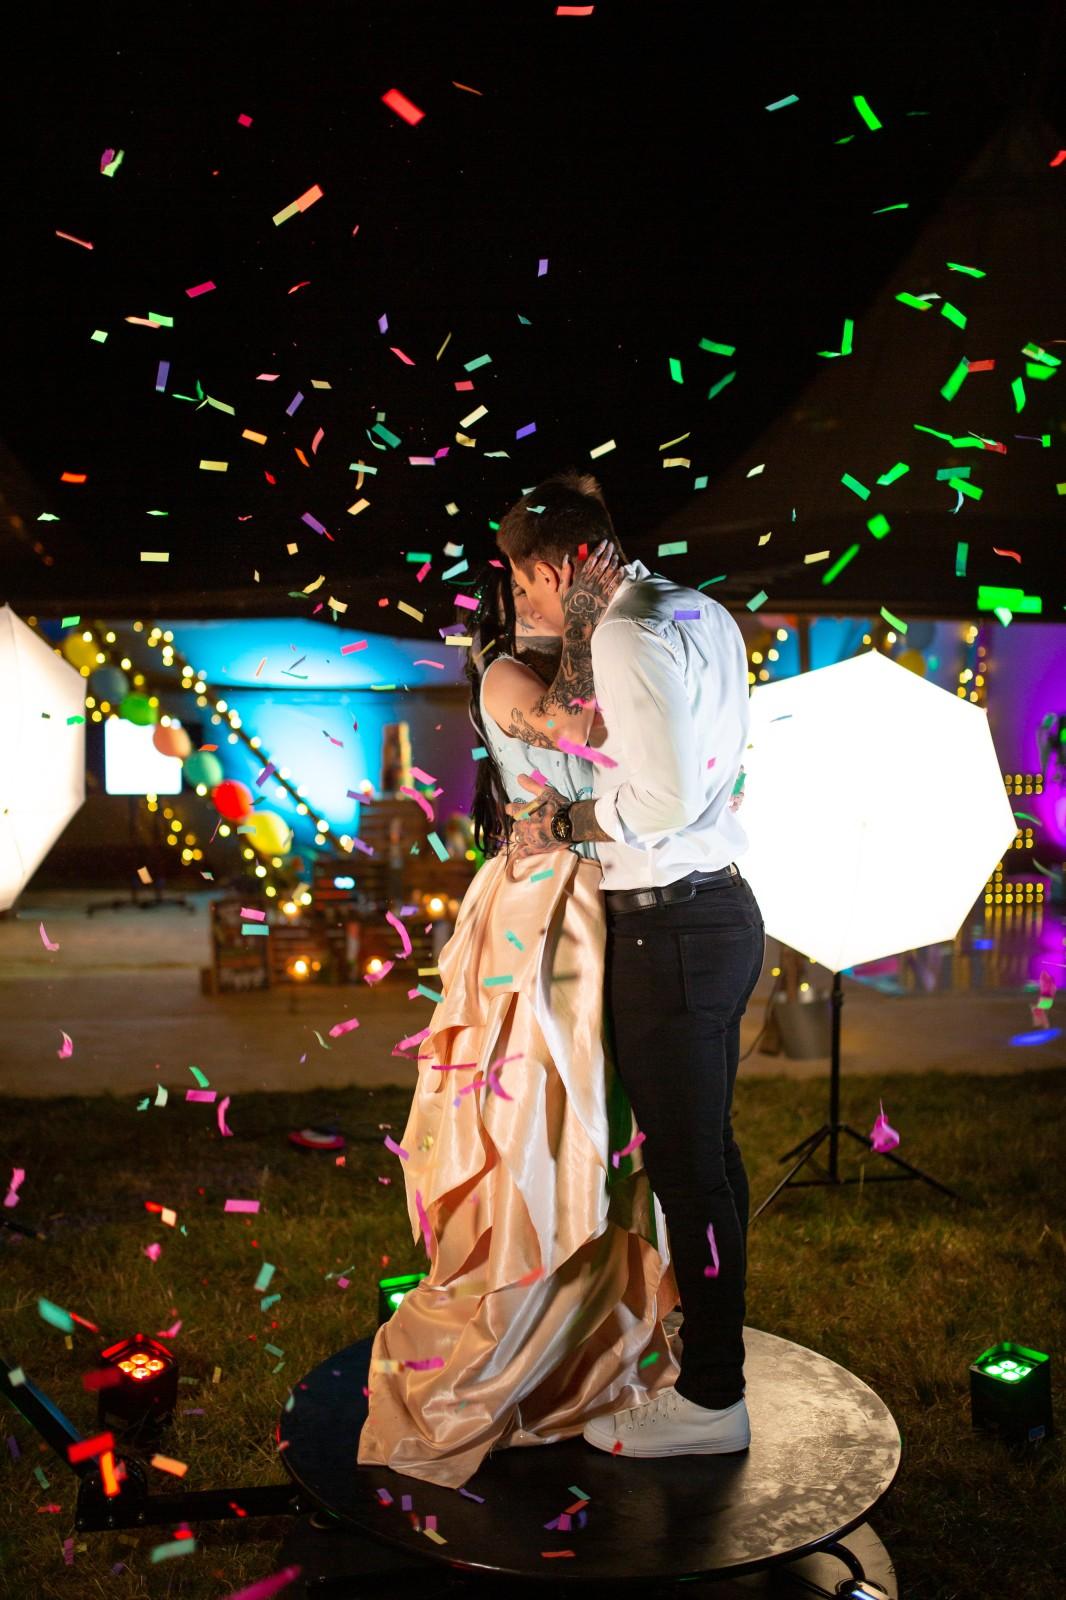 rainbow festival wedding - wedding confetti shot